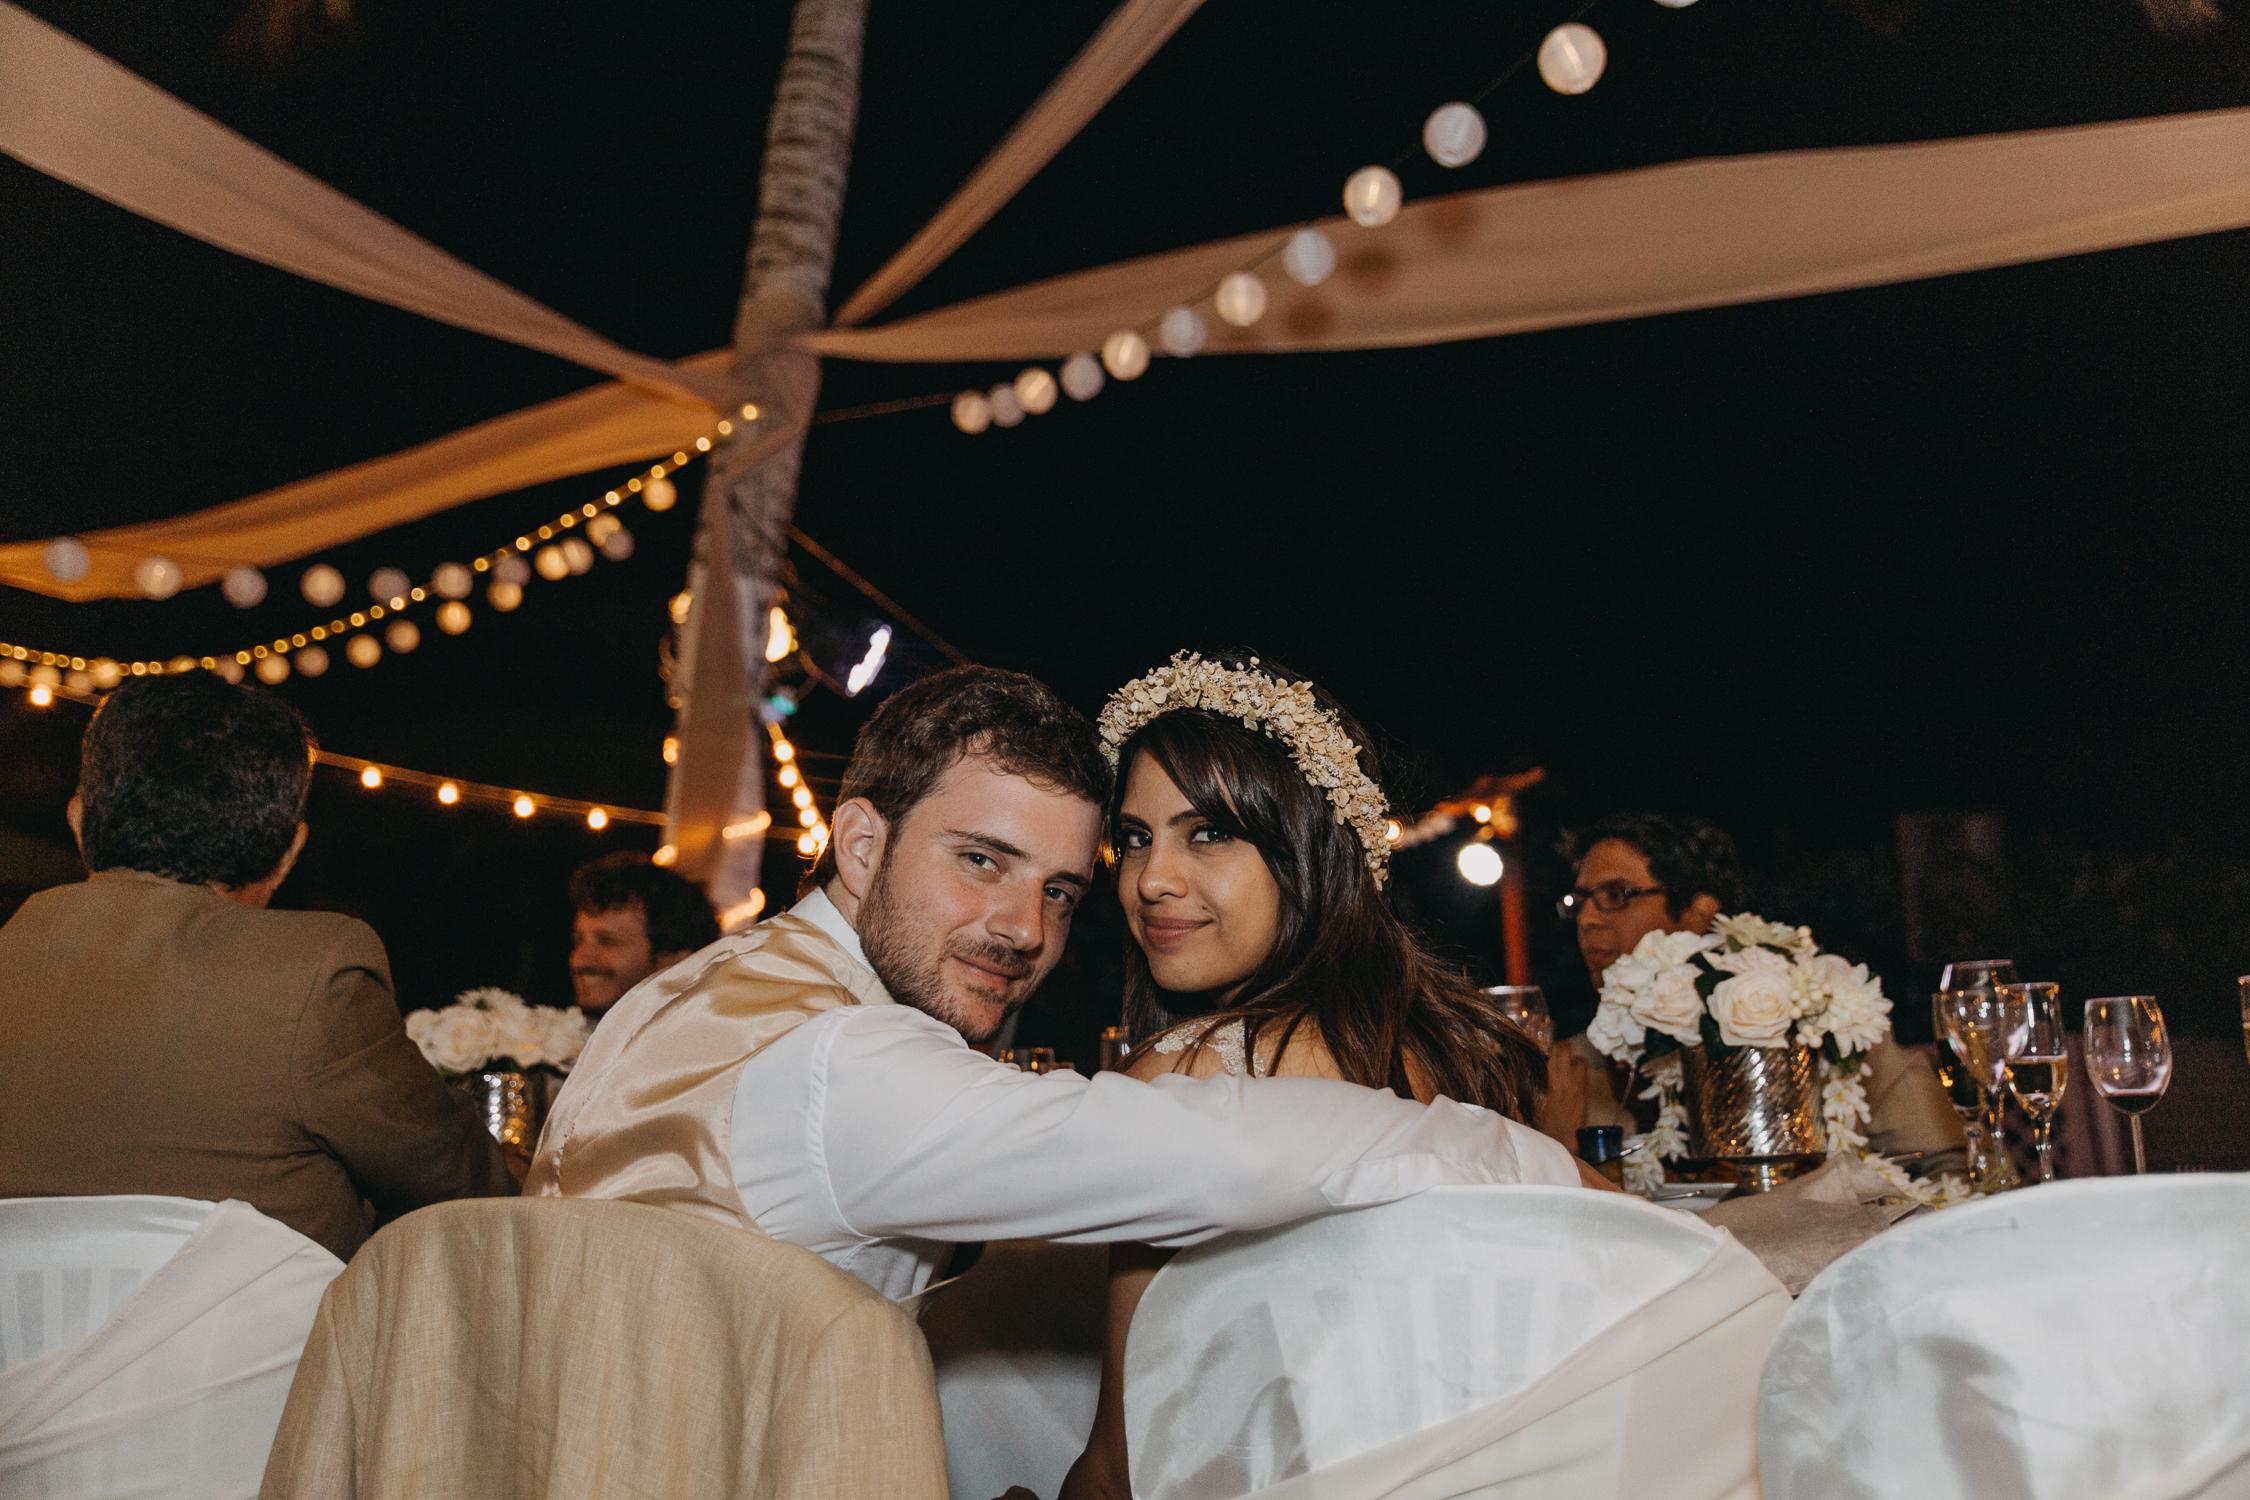 Michelle-Agurto-Fotografia-Bodas-Ecuador-Destination-Wedding-Photographer-Galapagos-Andrea-Joaquin-400.JPG